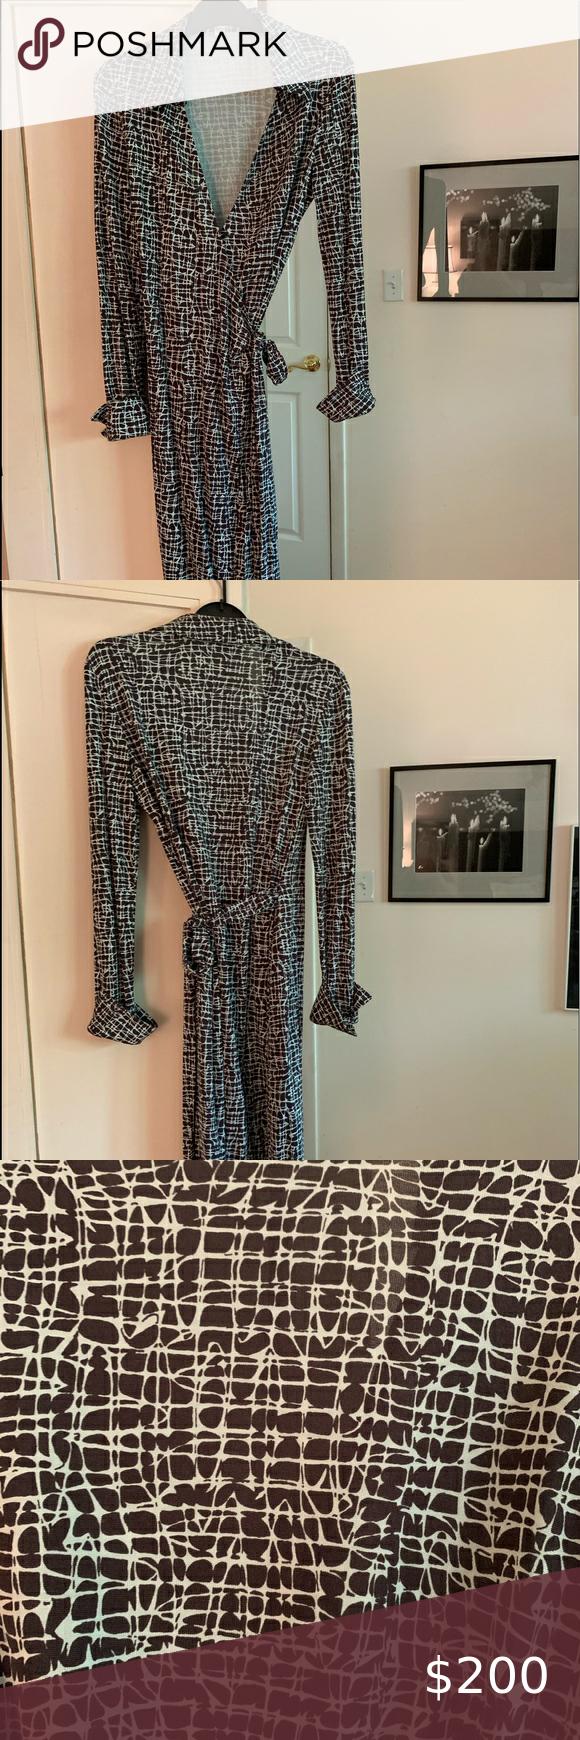 Diane Von Furstenberg Wrap Dress In 2020 Diane Von Furstenberg Wrap Dress Silk Wrap Dresses Wrap Dress [ 1740 x 580 Pixel ]